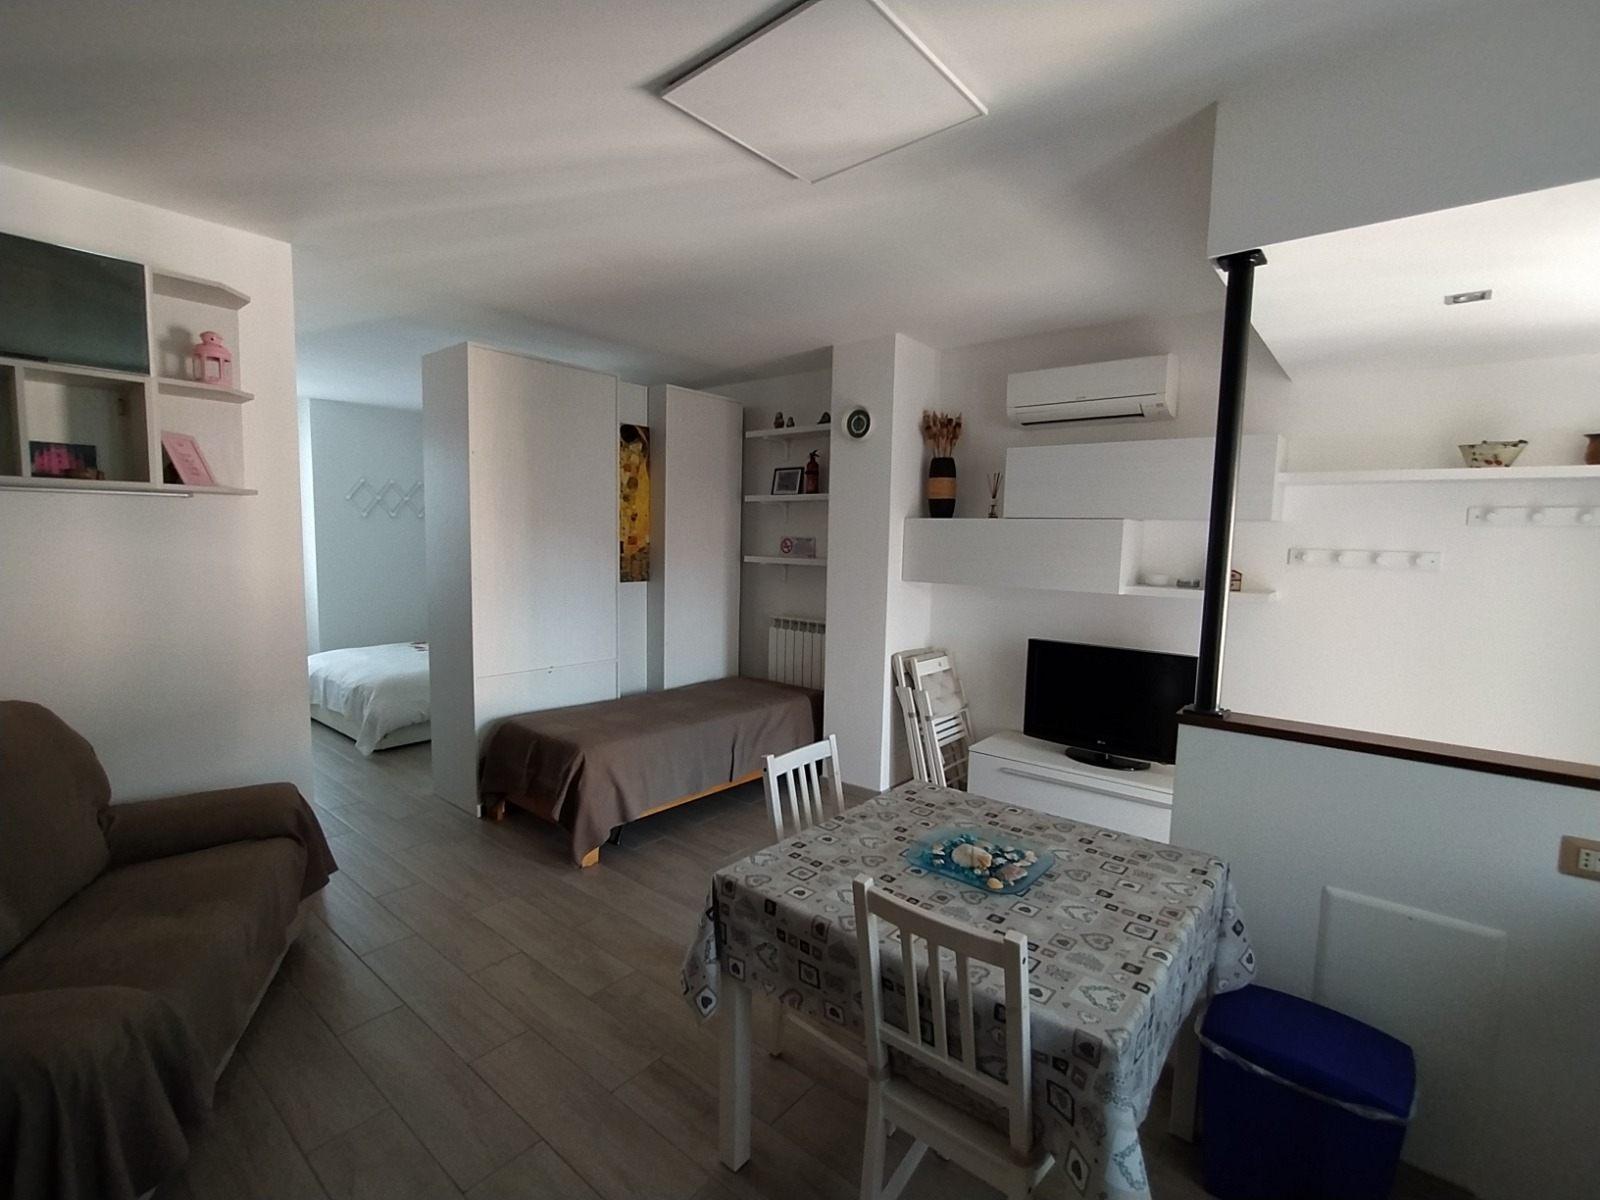 appartamento-in-vendita-a-rho-spaziourbano-immobiliare-vende-monolocale-mono-milano-fiera-9